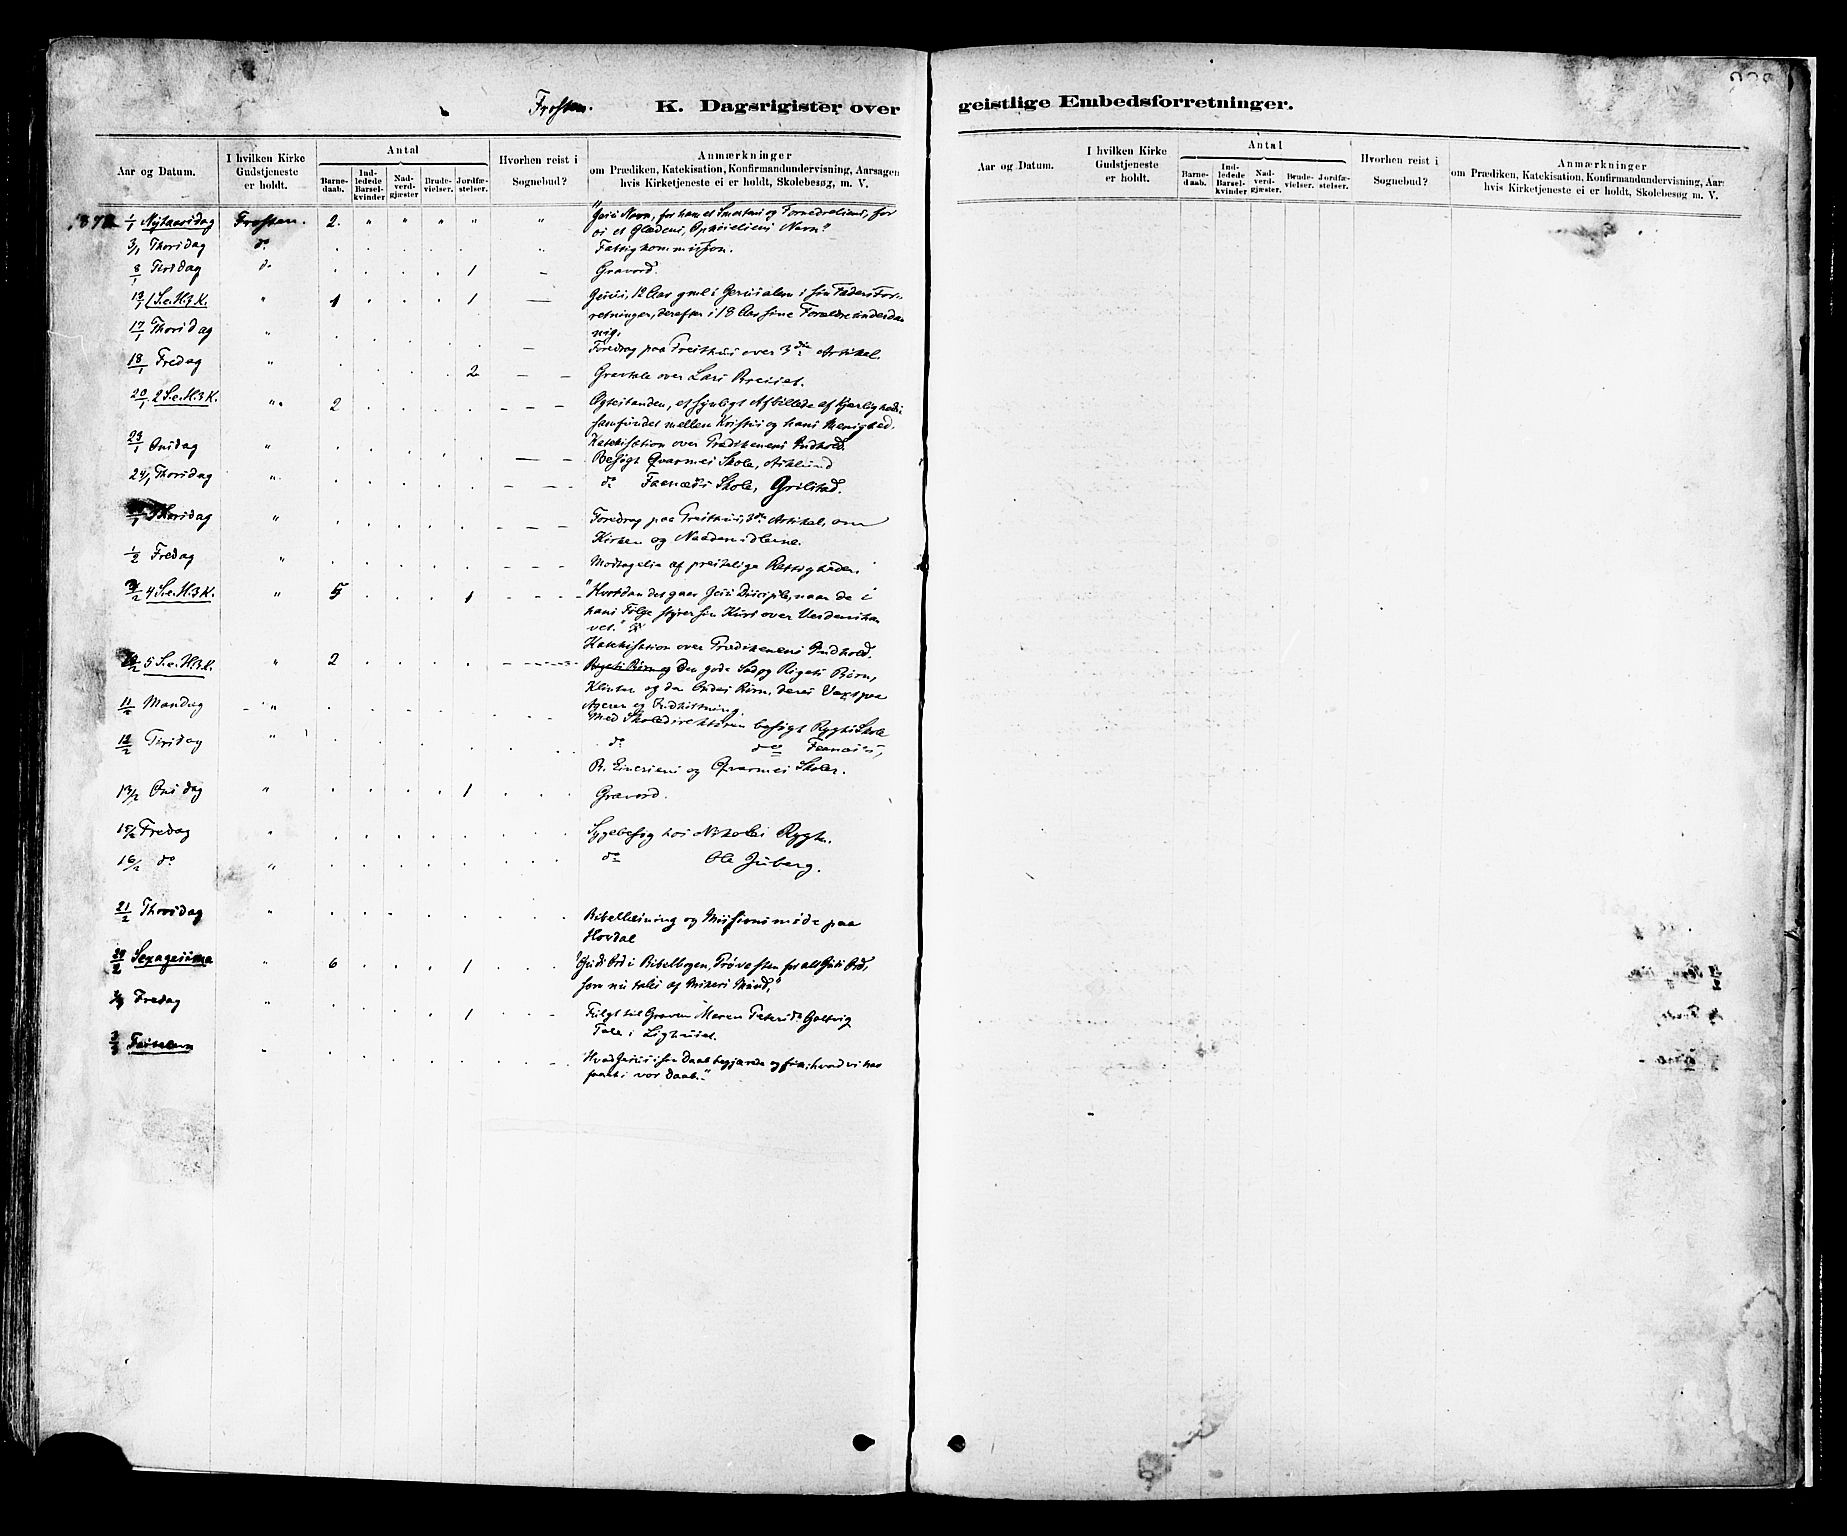 SAT, Ministerialprotokoller, klokkerbøker og fødselsregistre - Nord-Trøndelag, 713/L0120: Ministerialbok nr. 713A09, 1878-1887, s. 288